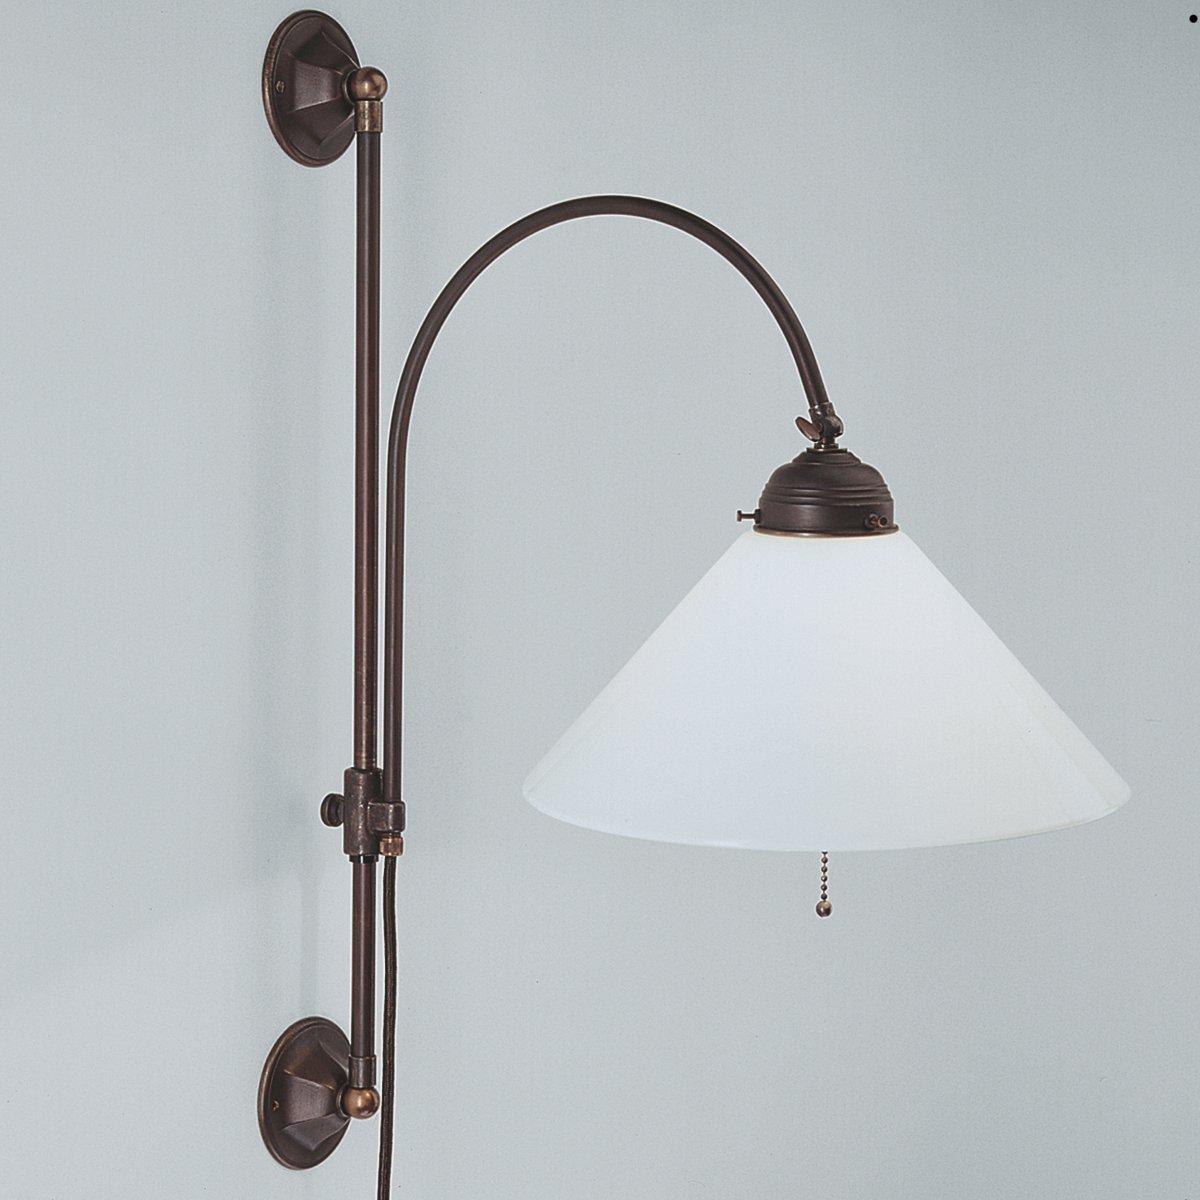 h henverstellbare jugendstil wandleuchte mit kabel lampen suntinger shop. Black Bedroom Furniture Sets. Home Design Ideas